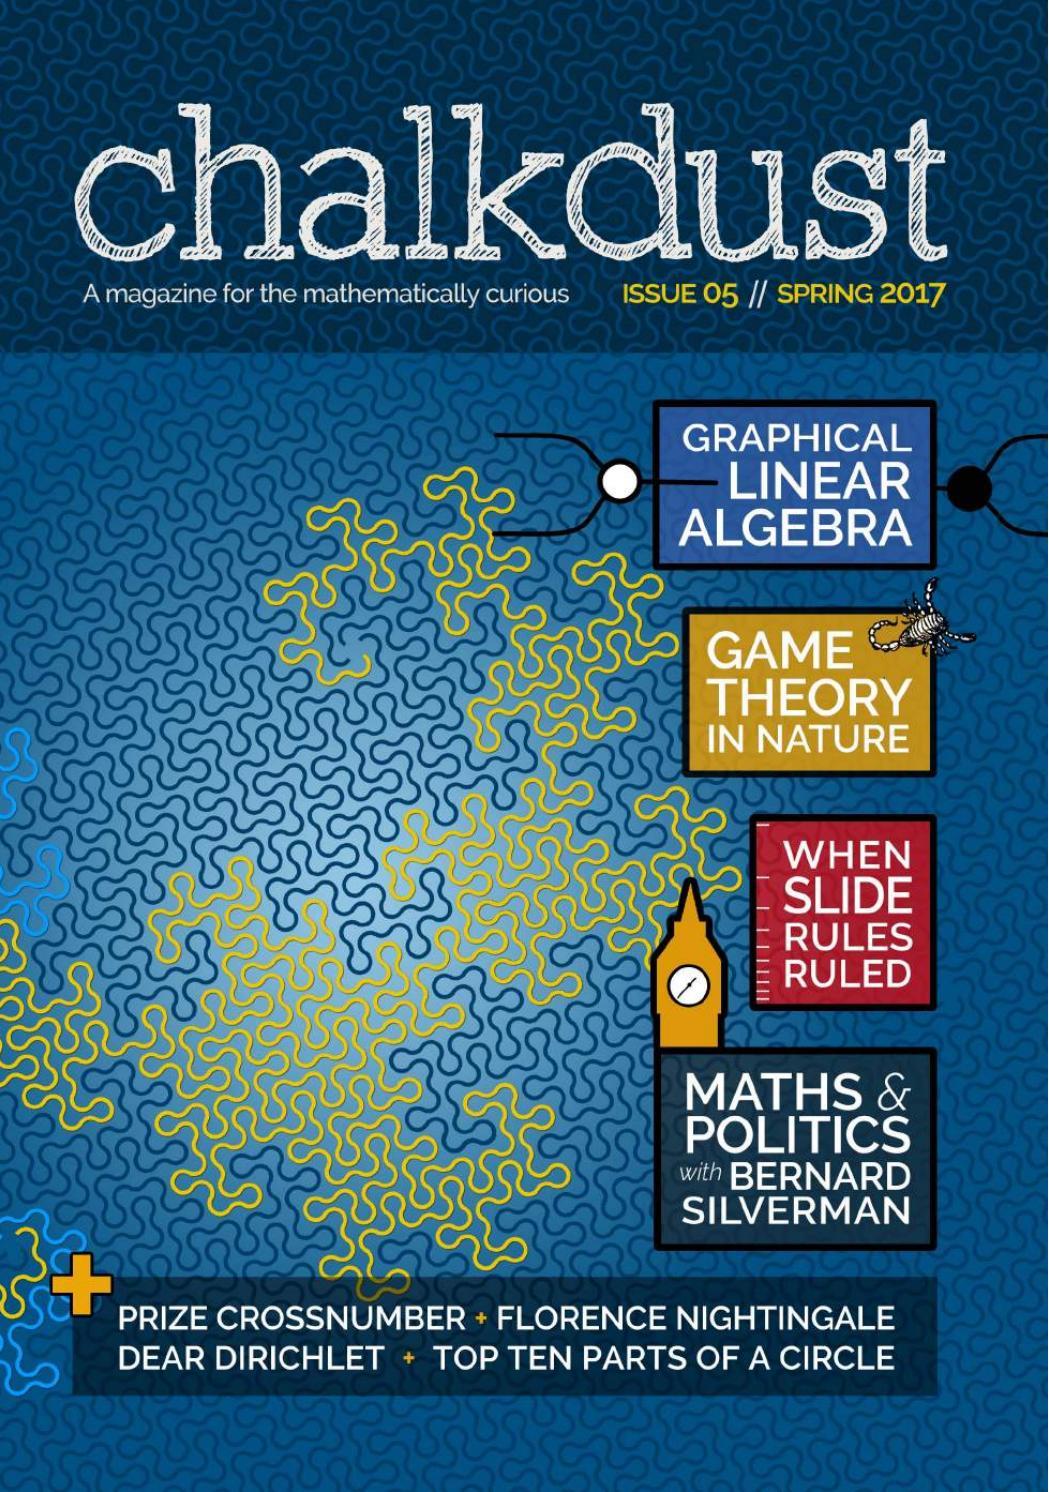 Chalkdust, Issue 05 by Chalkdust - issuu